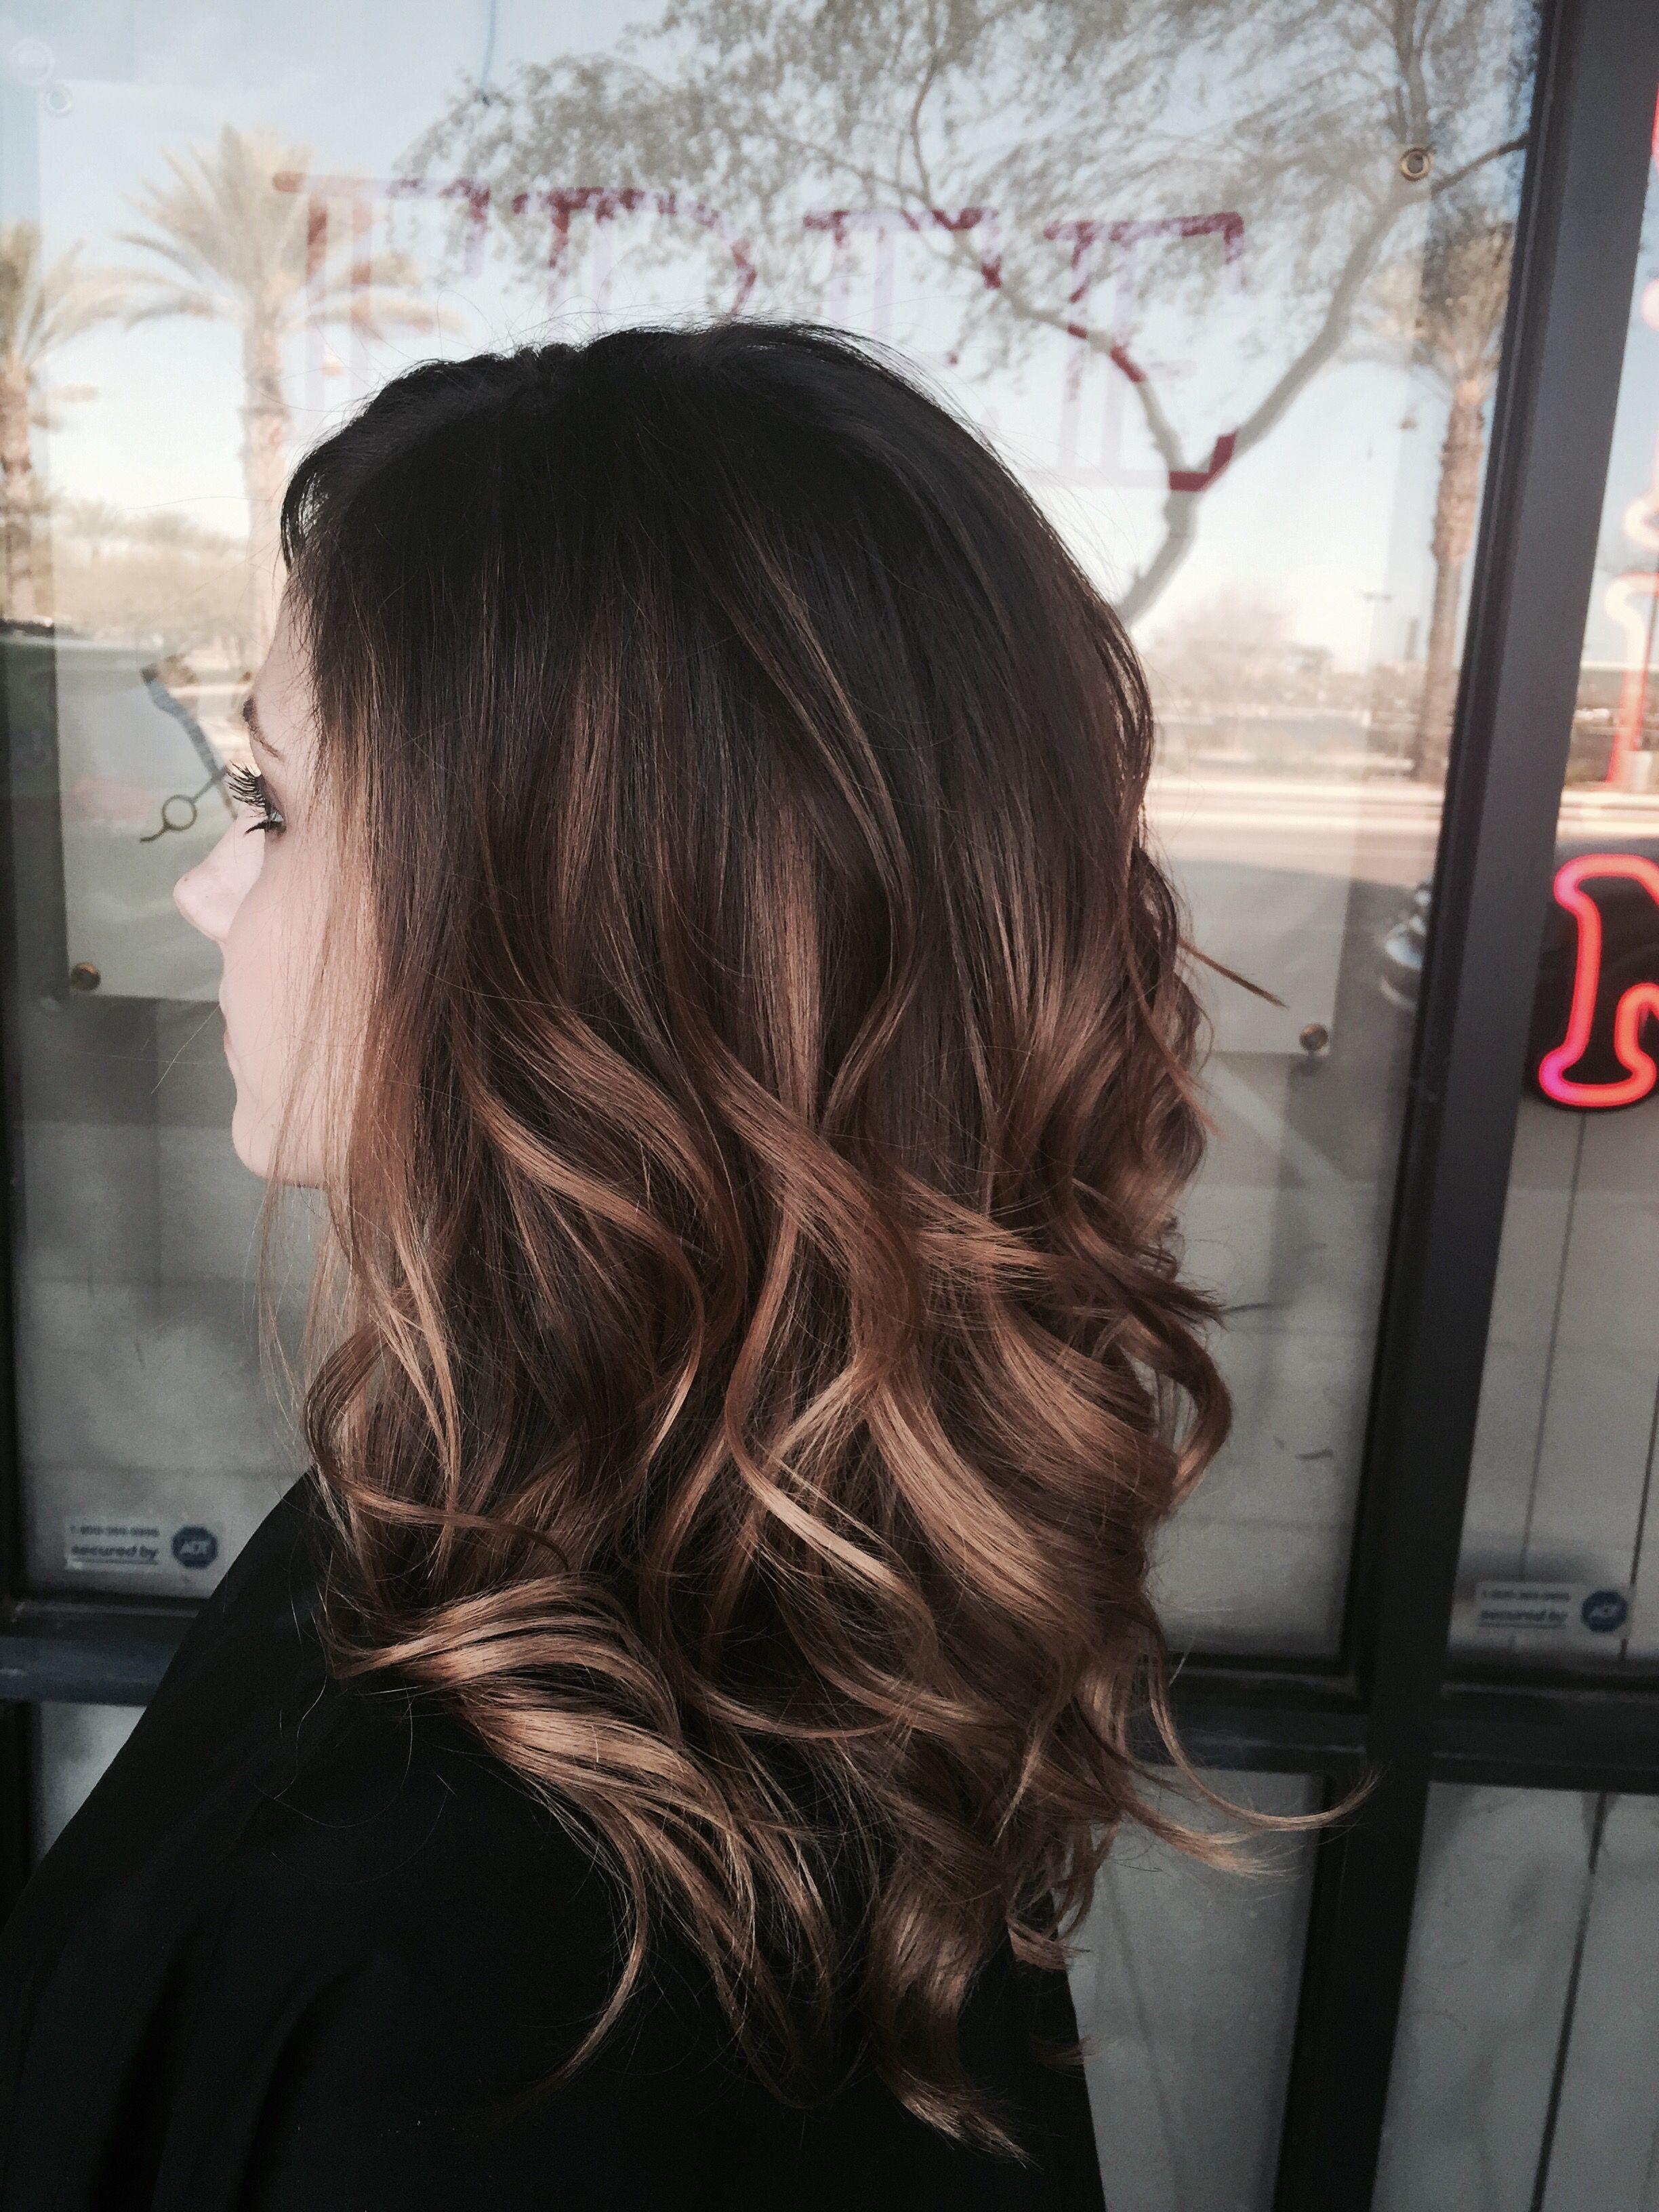 Balayage hairstyle on long hair medium brown with blonde balayage